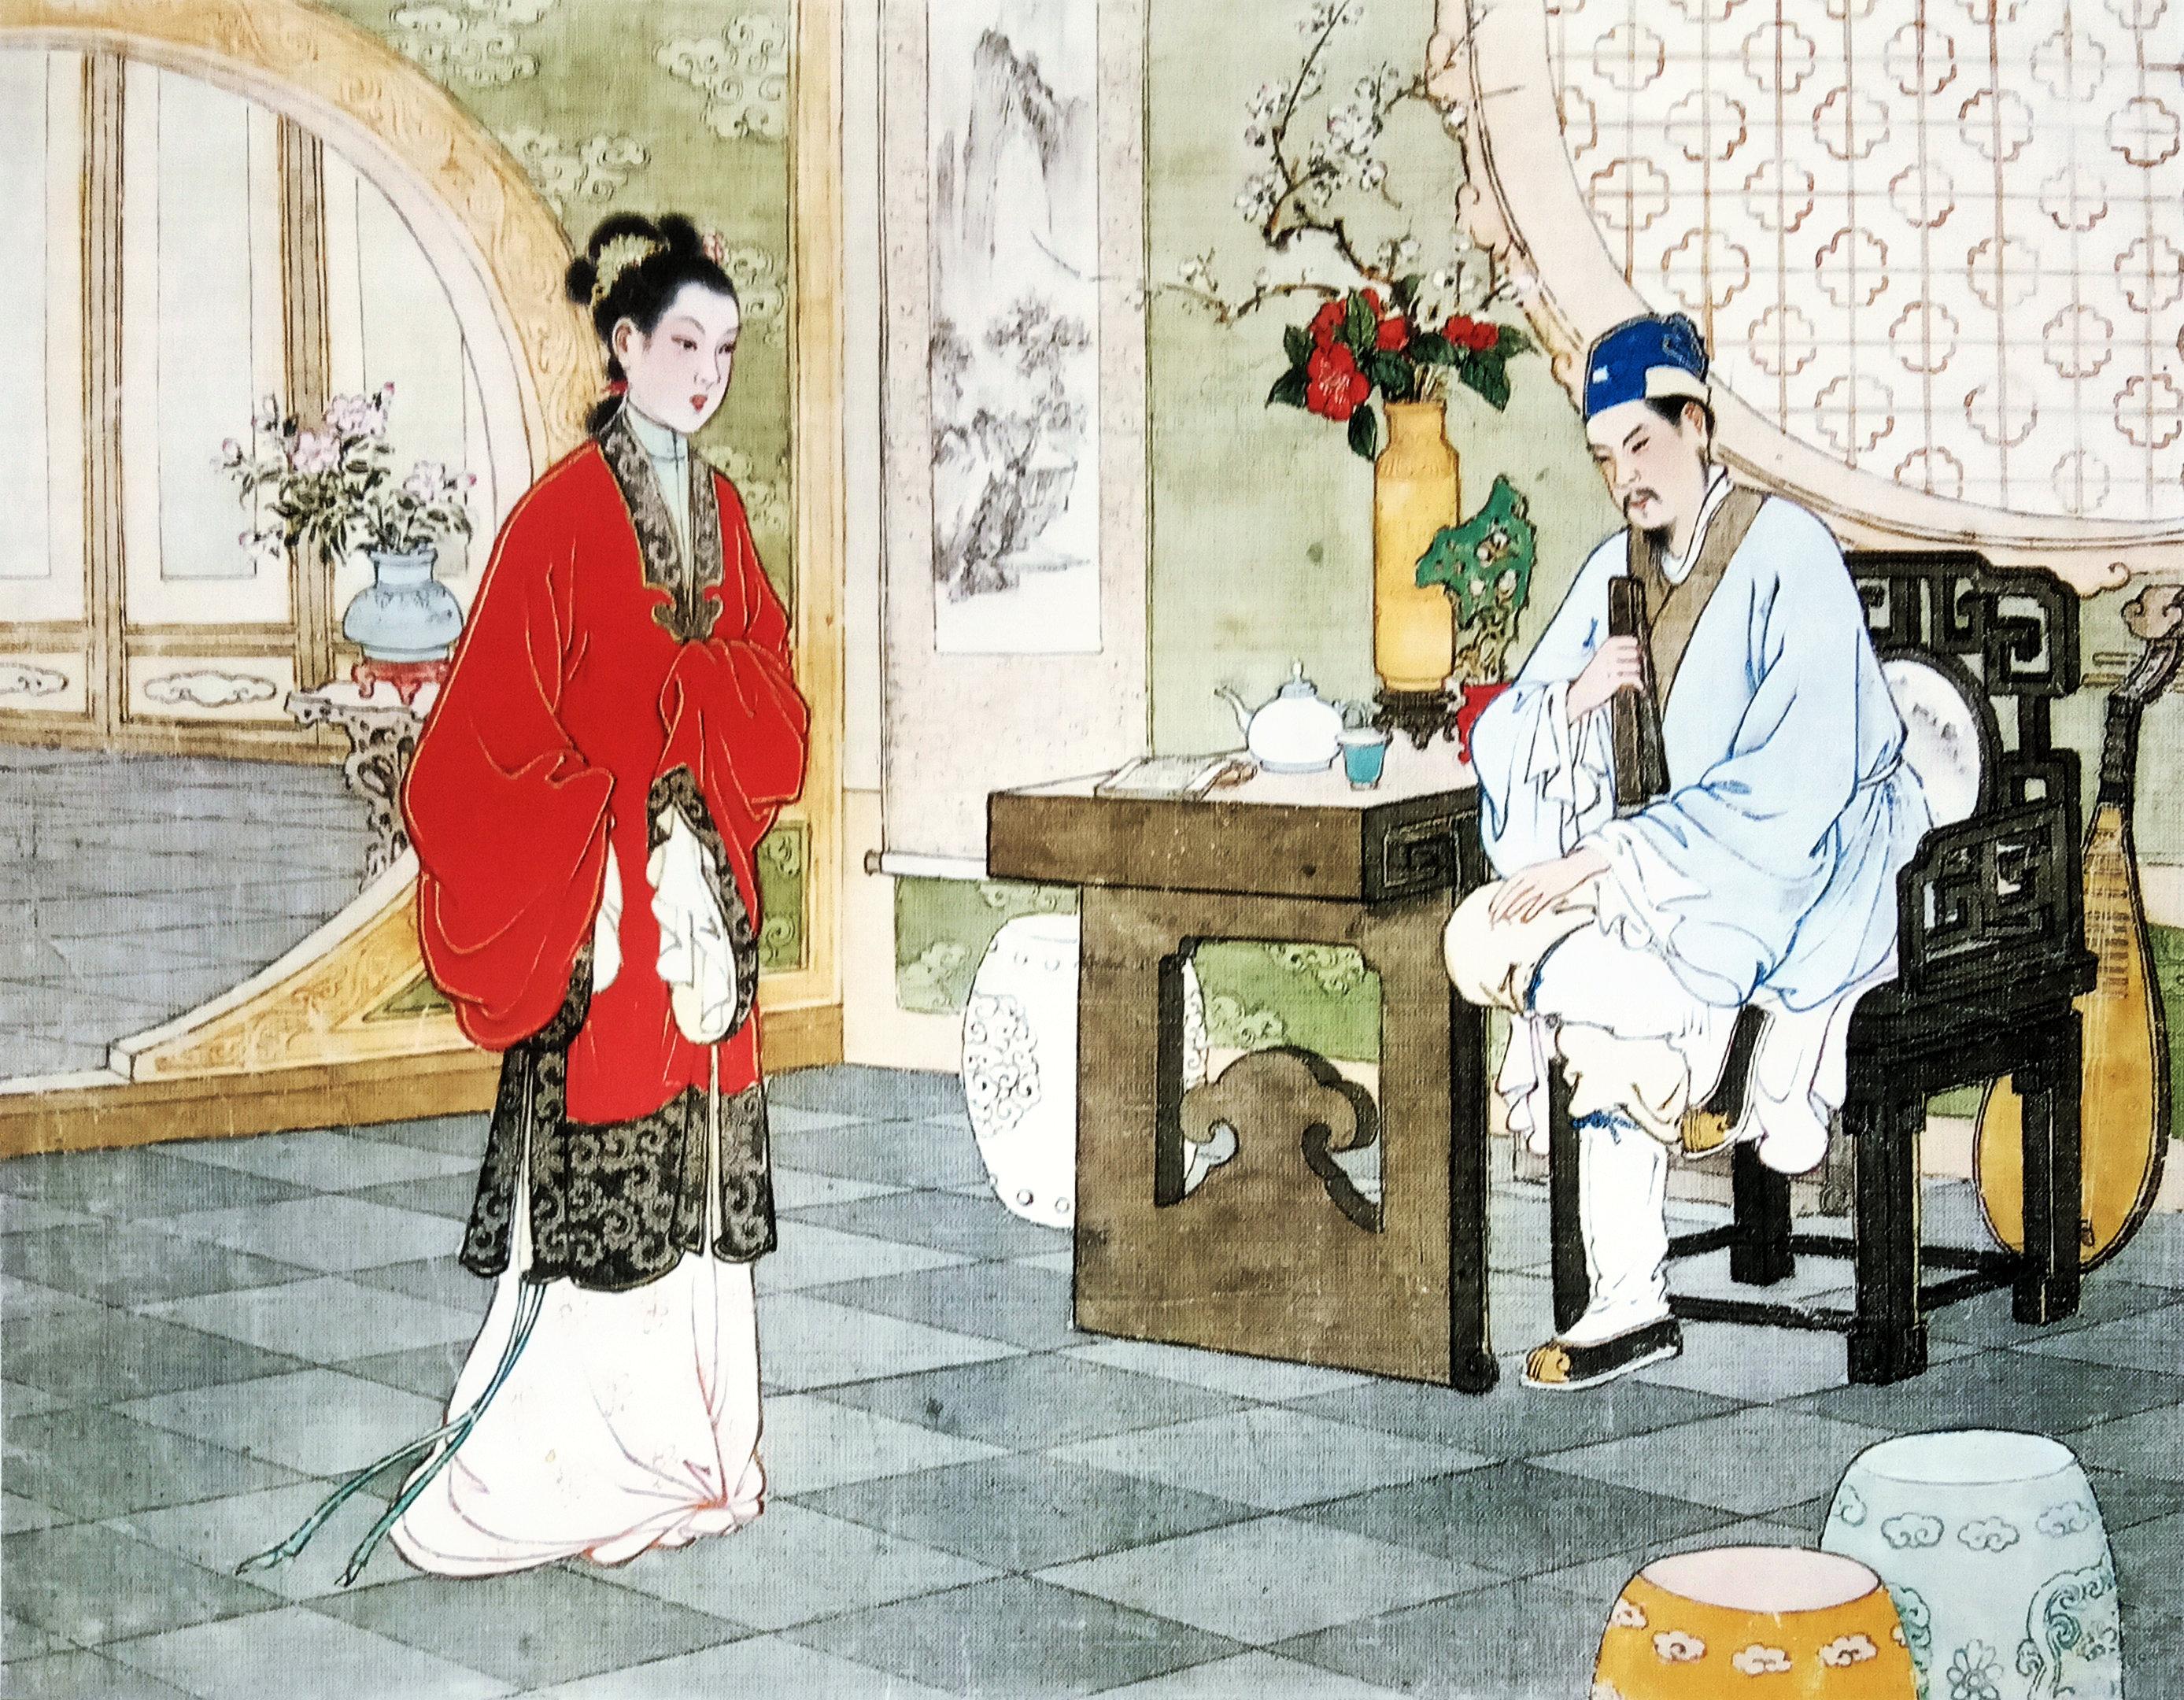 中国现代连环画家任率英的桃花扇图画